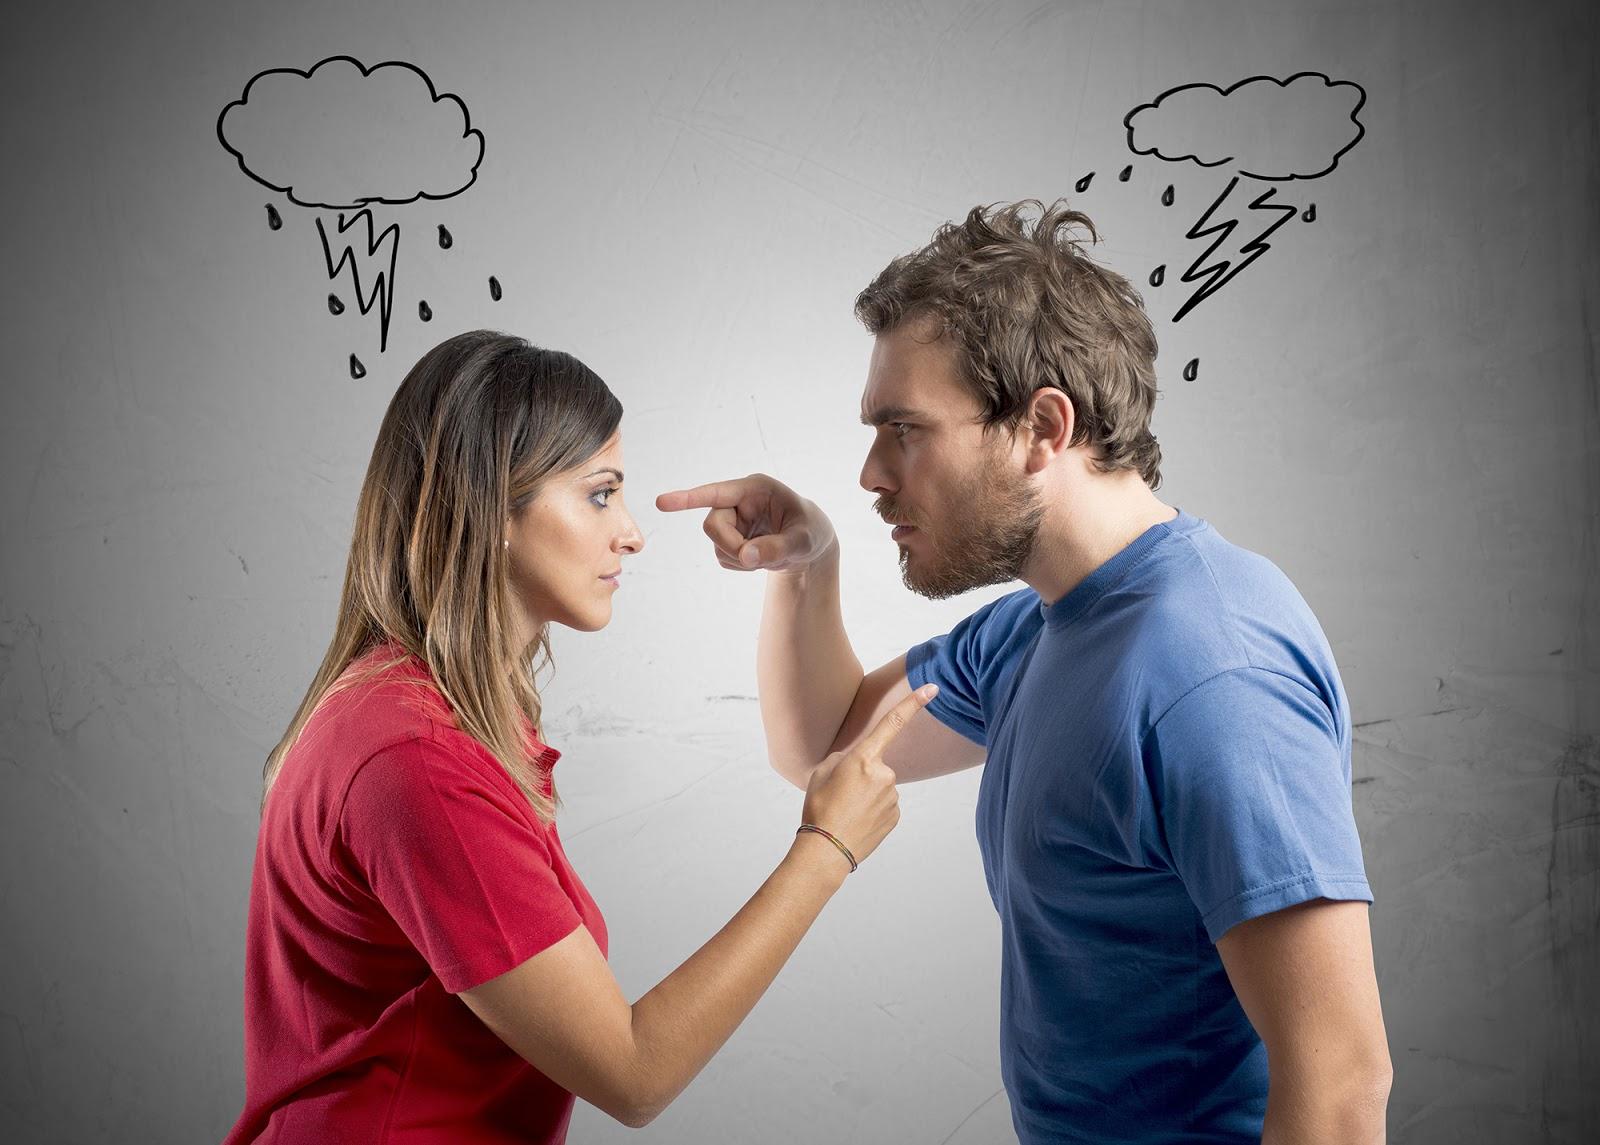 Советы мудрецов: о чем нельзя рассказывать окружающим